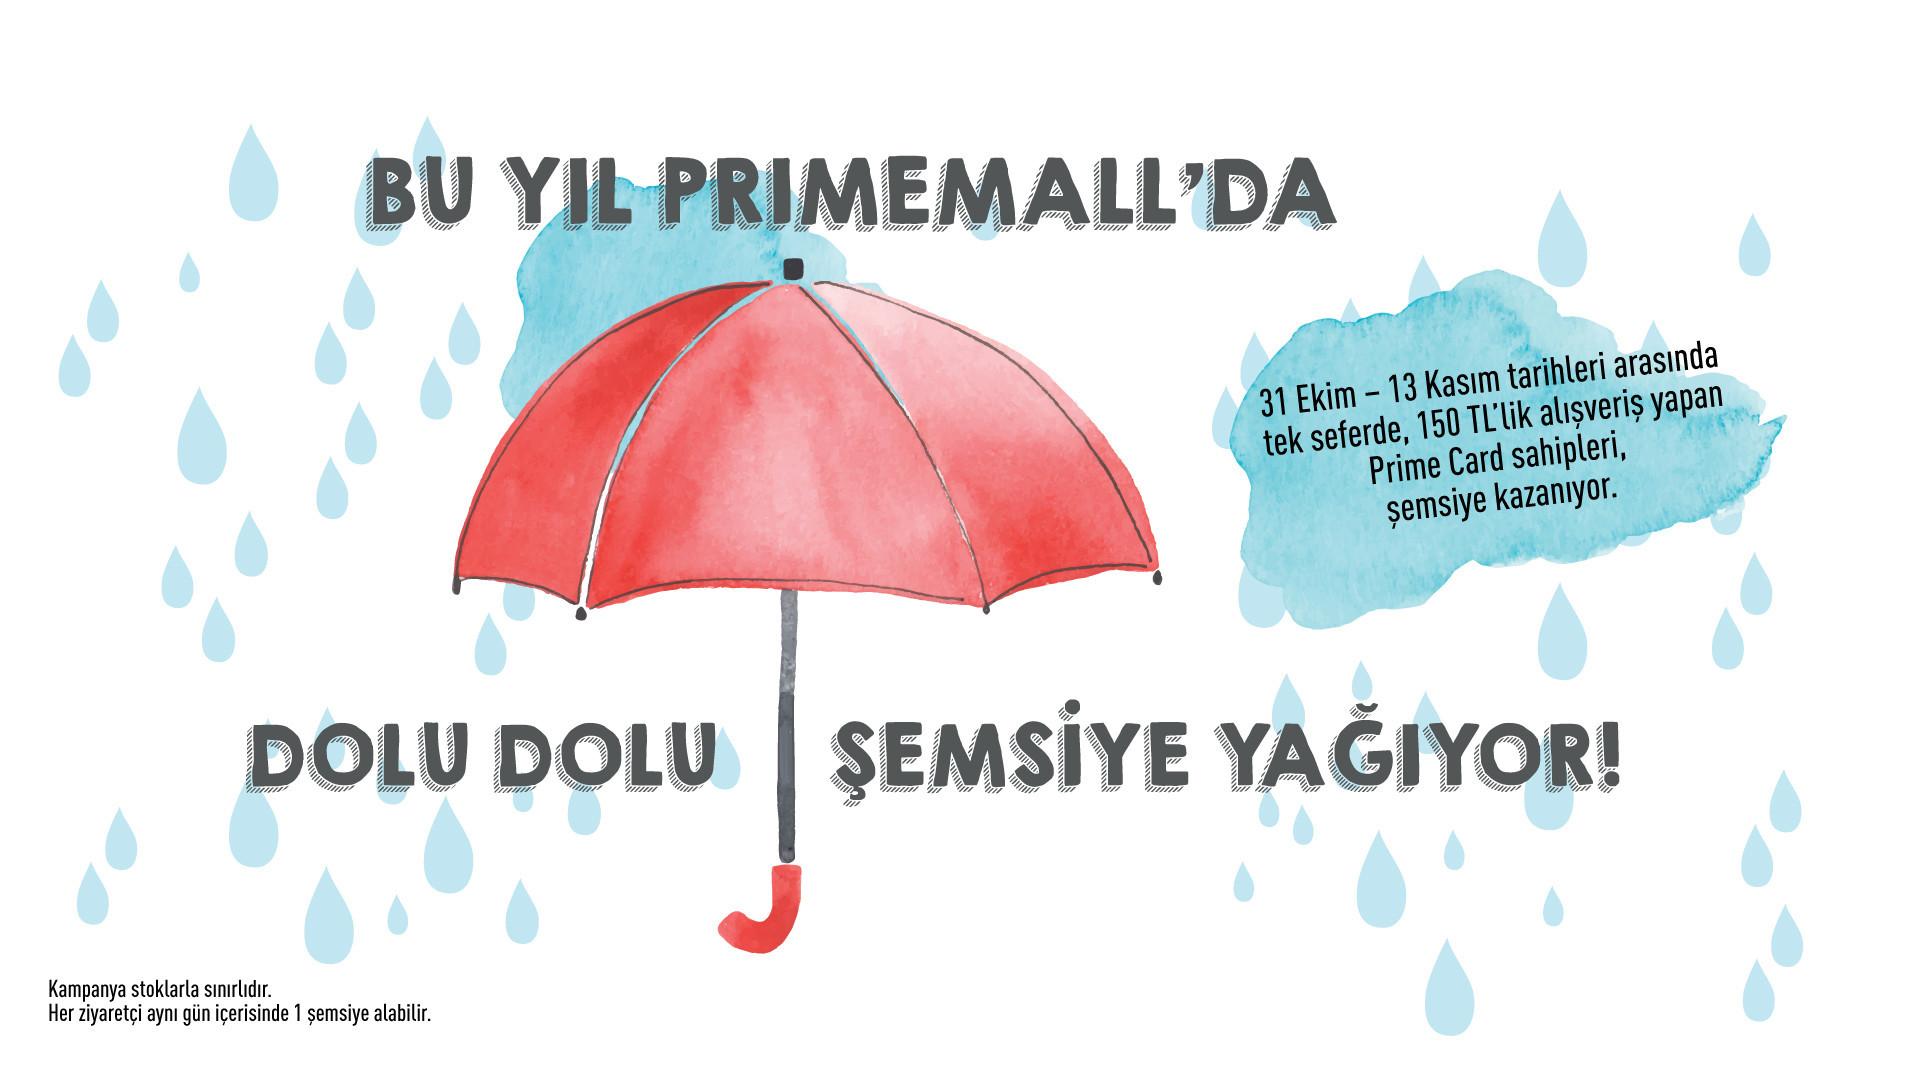 Bu Yıl Primemall'da Dolu Dolu Şemsiye Yağıyor